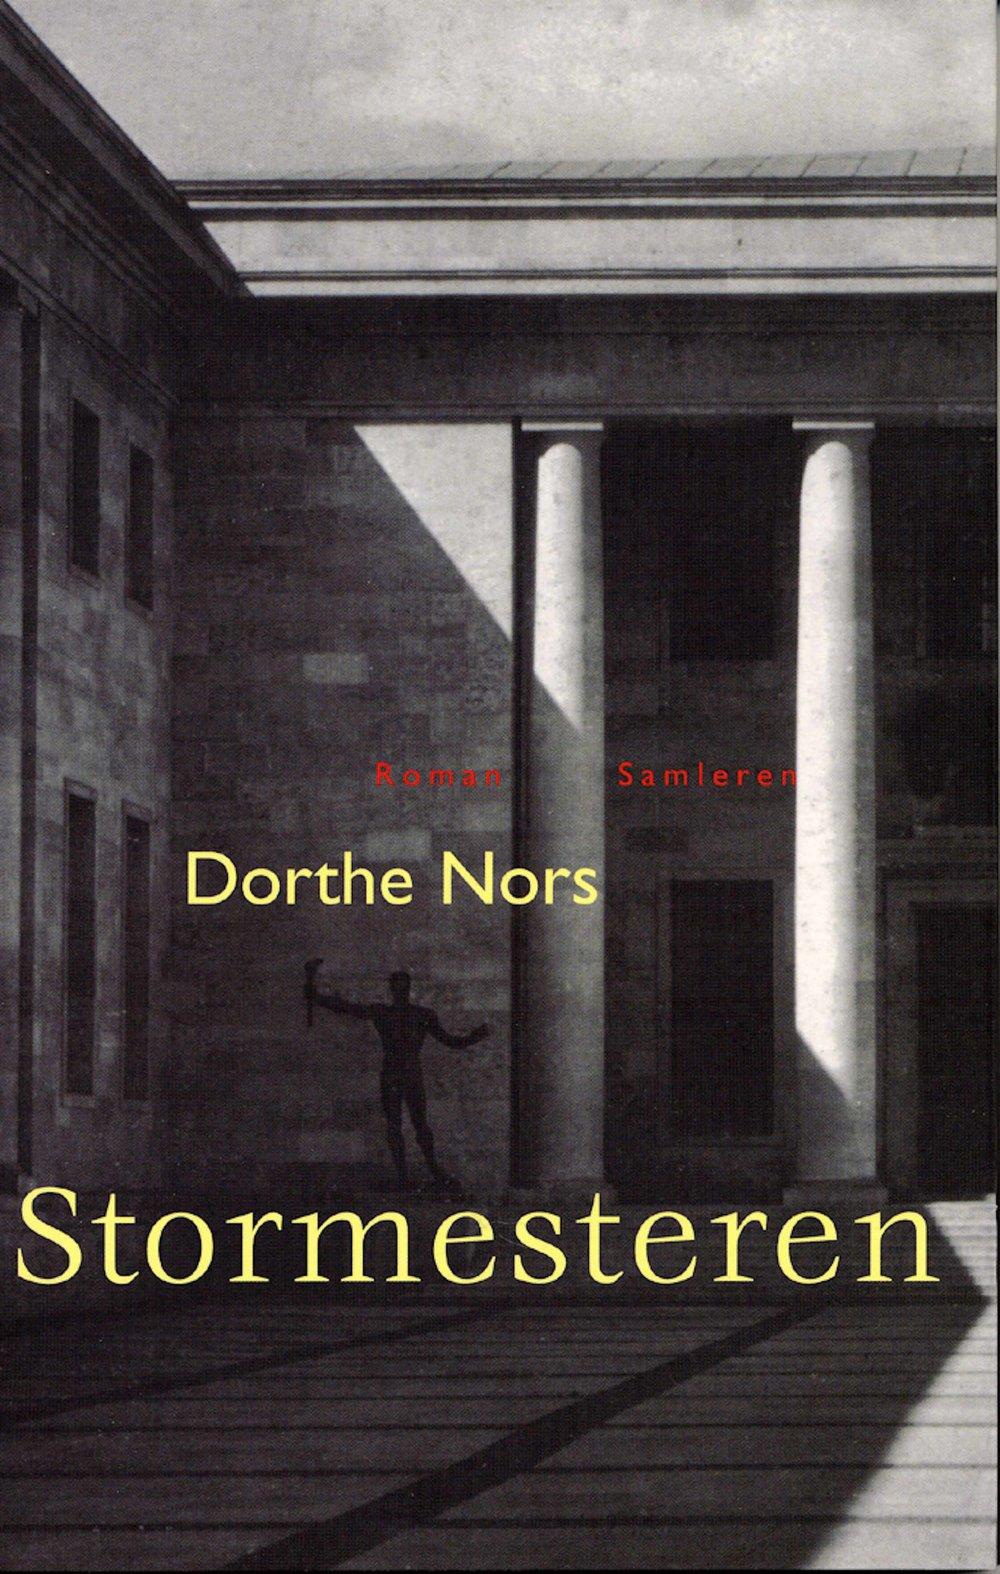 2003_Stormesteren.jpg